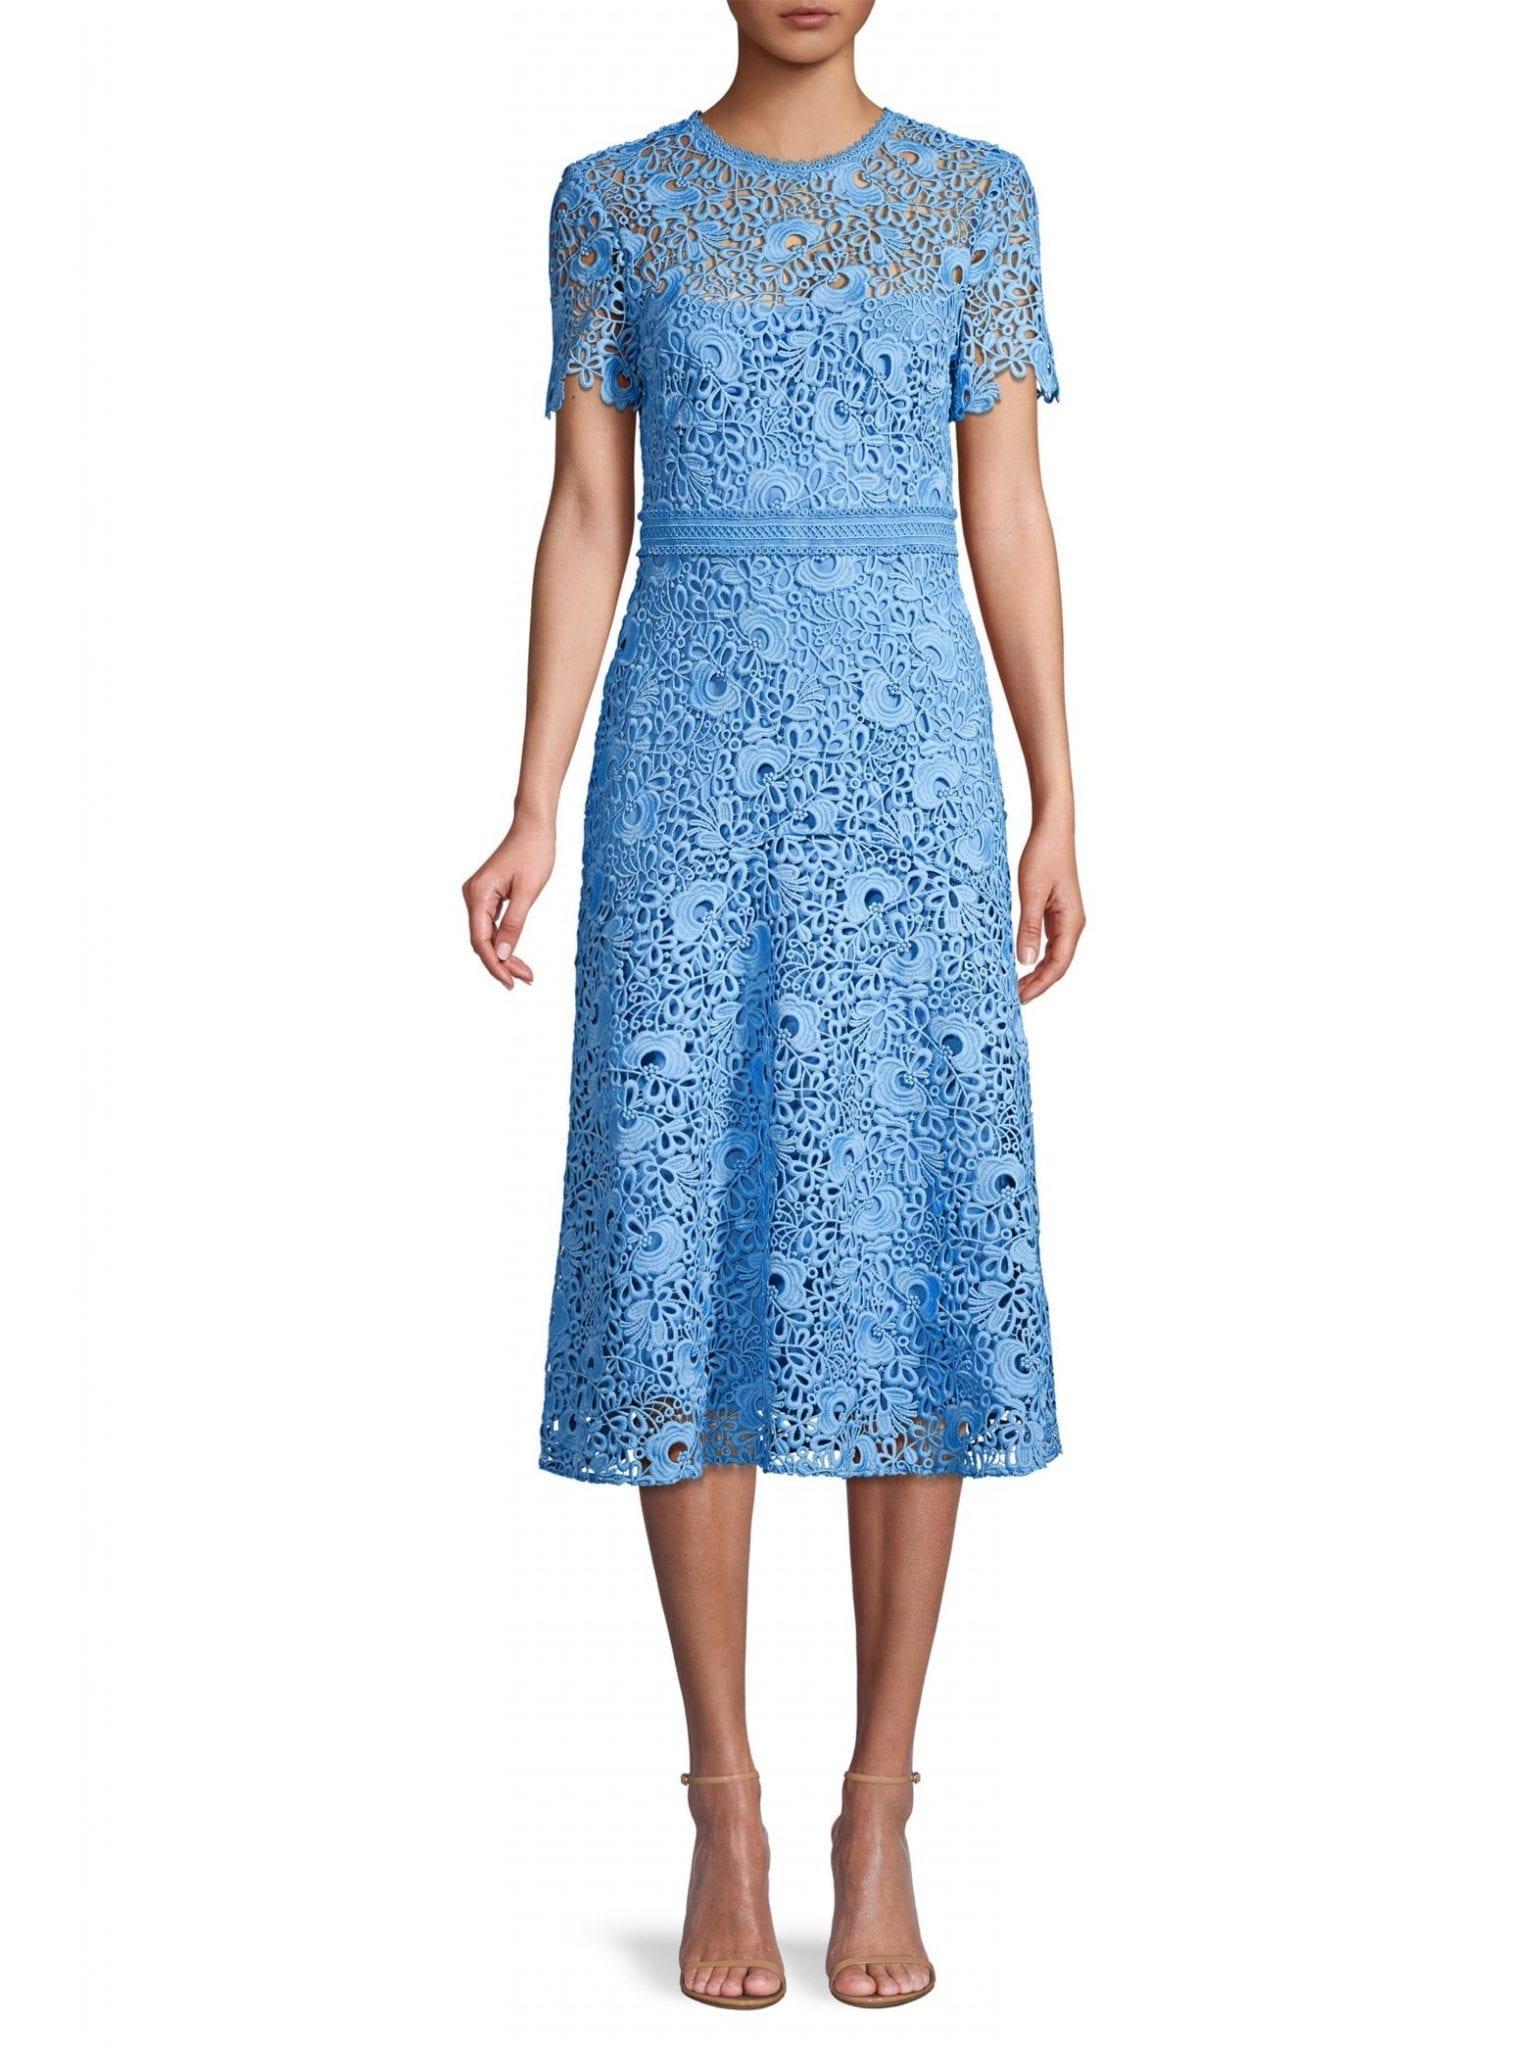 SHOSHANNA Cora Lace A-Line Dress